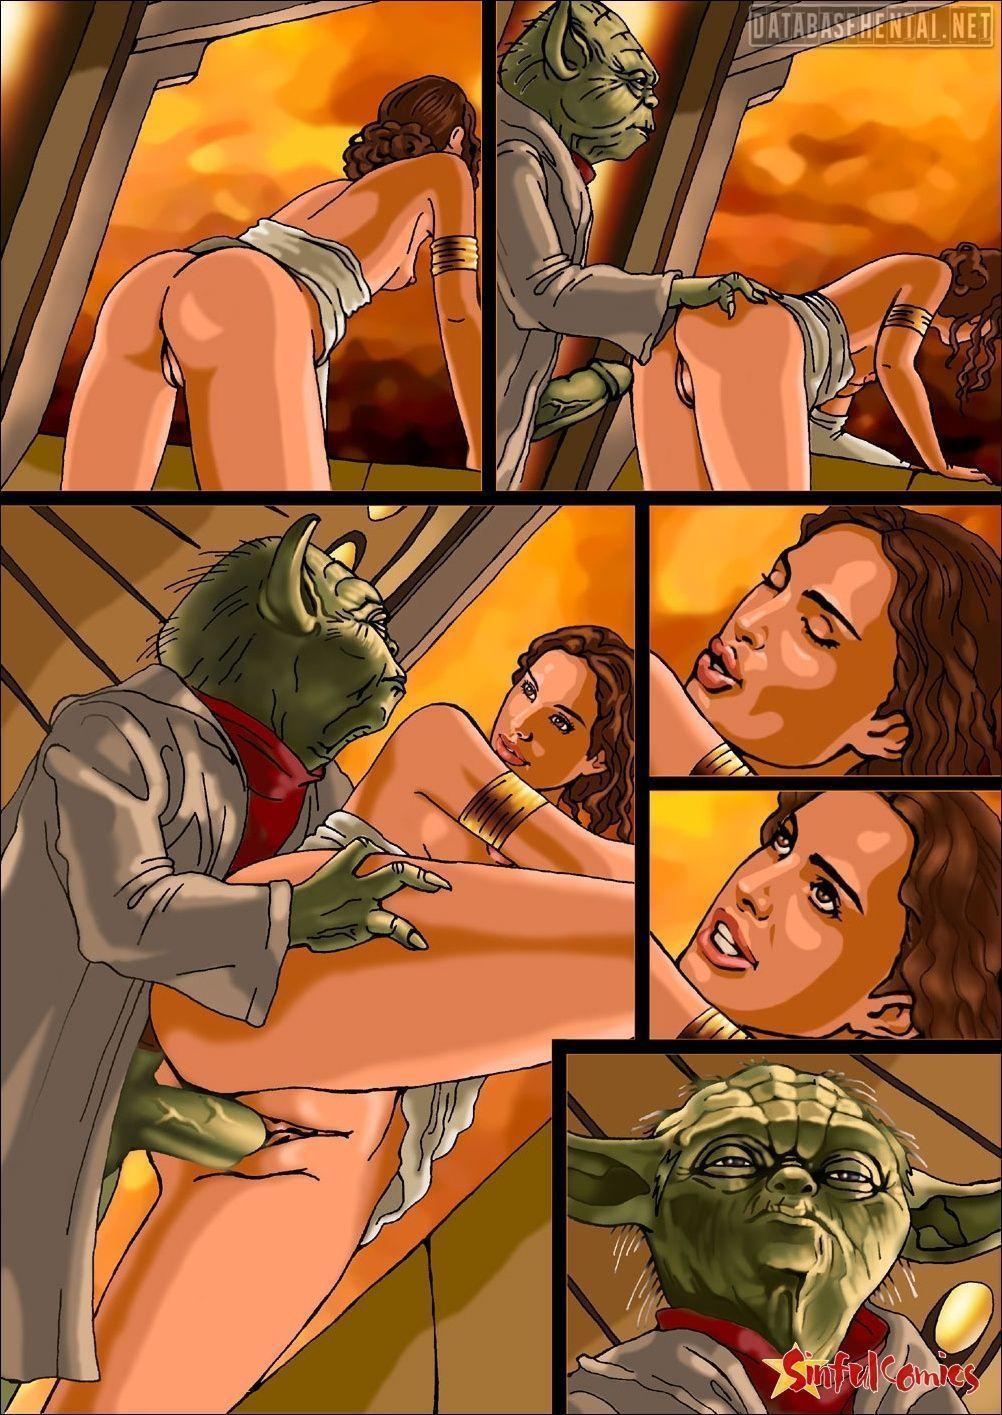 Idea has Yoda star wars porn hentai comics